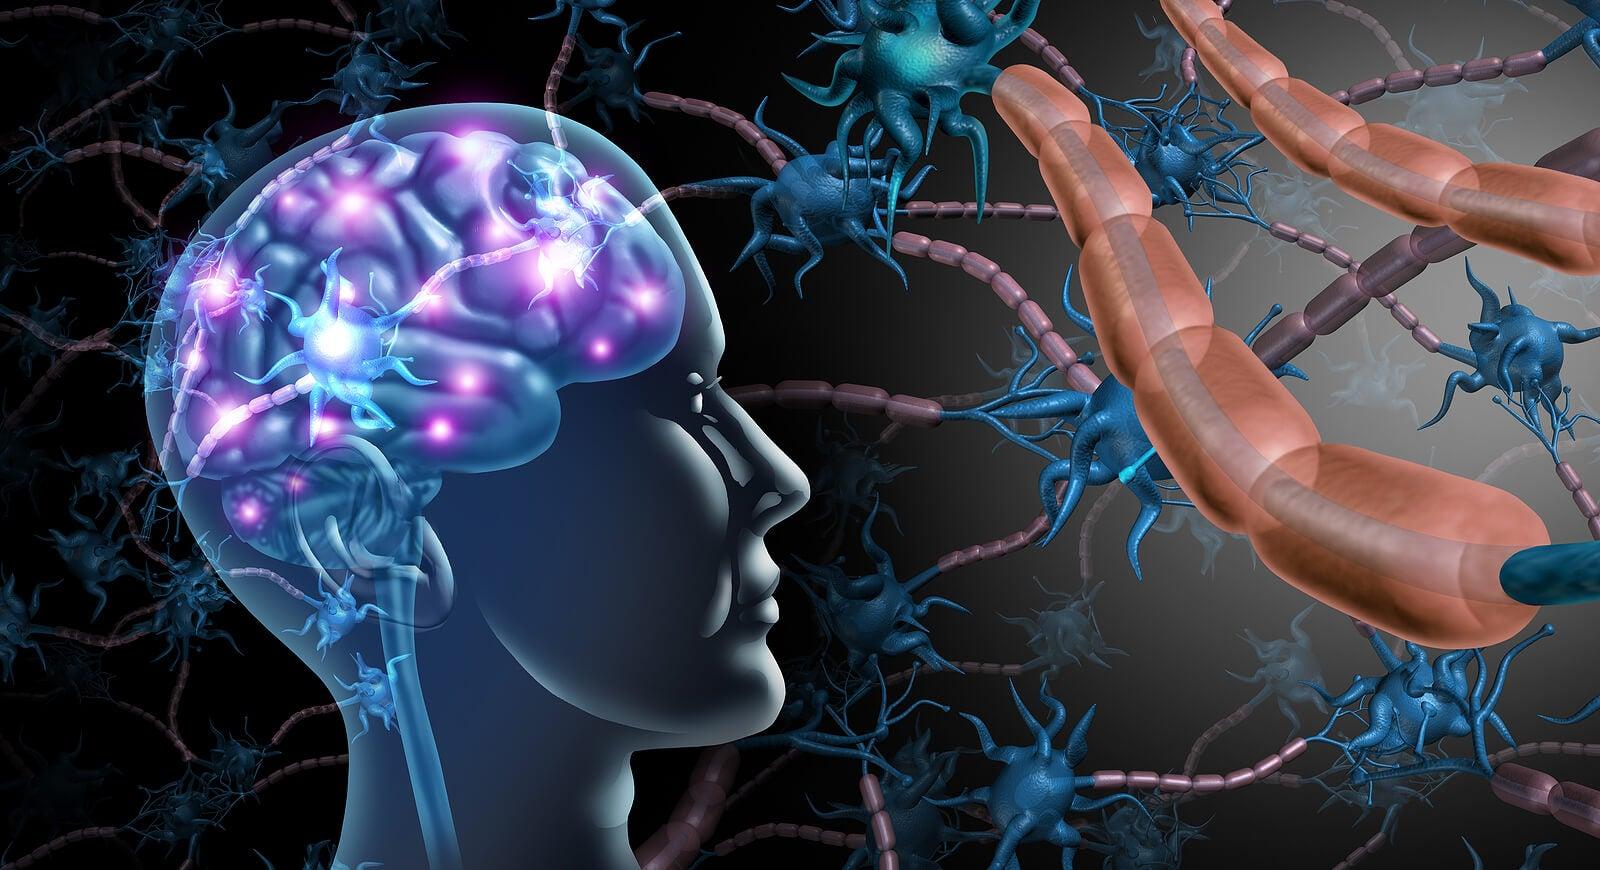 Las causas de la esclerosis múltiple incluyen reacciones autoinmunitarias